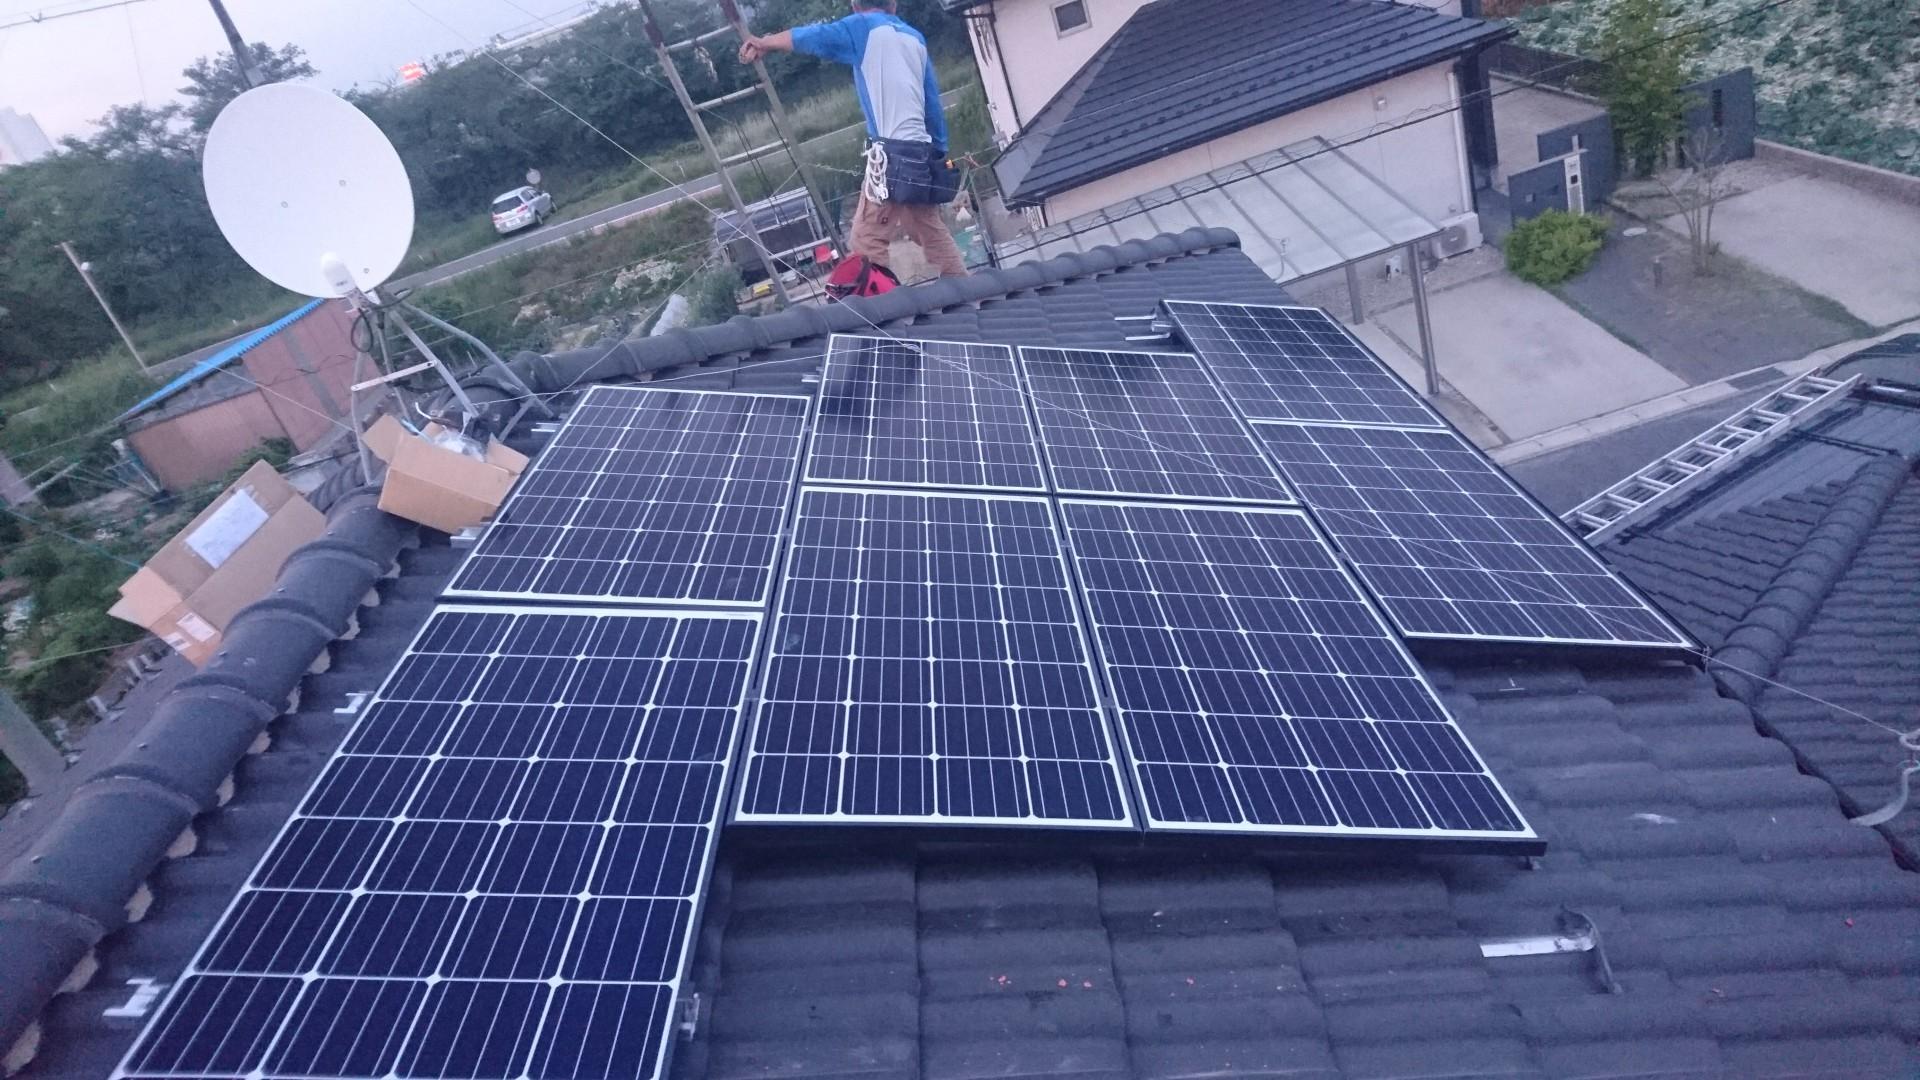 大阪府ハンファQセルズ太陽光発電Q.PEAK-G4.1 160×18枚ハイブリッド蓄電池HQJB-BU56-A1施工後の写真